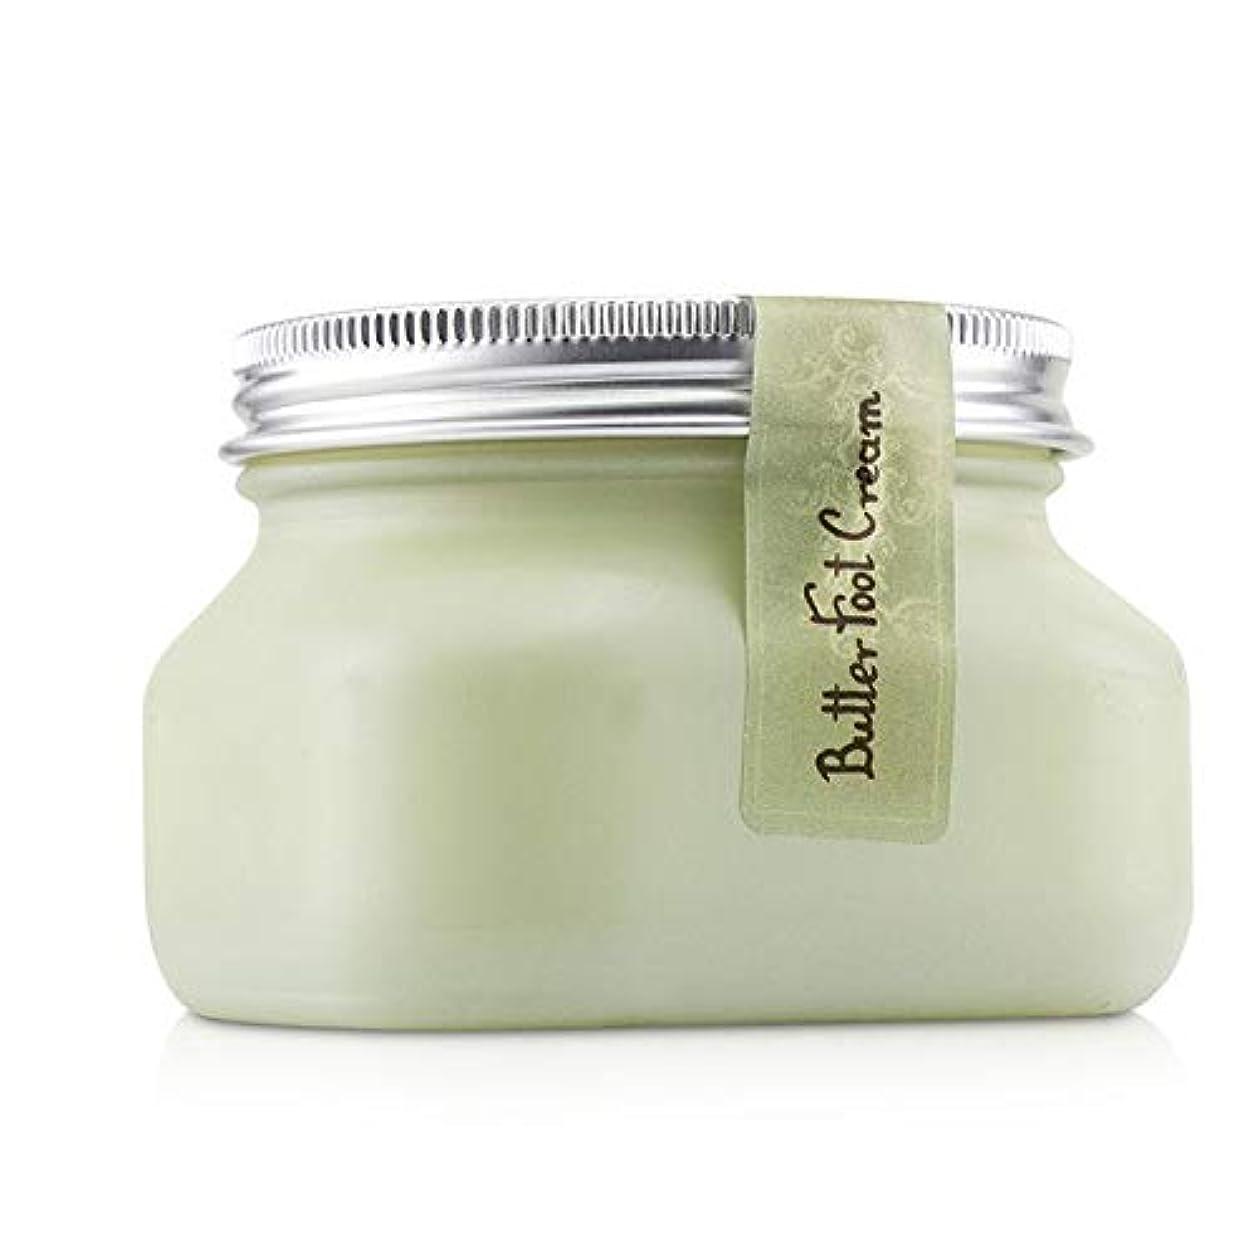 磁石申請者強調するサボン Butter Foot Cream 150ml/5.27oz並行輸入品